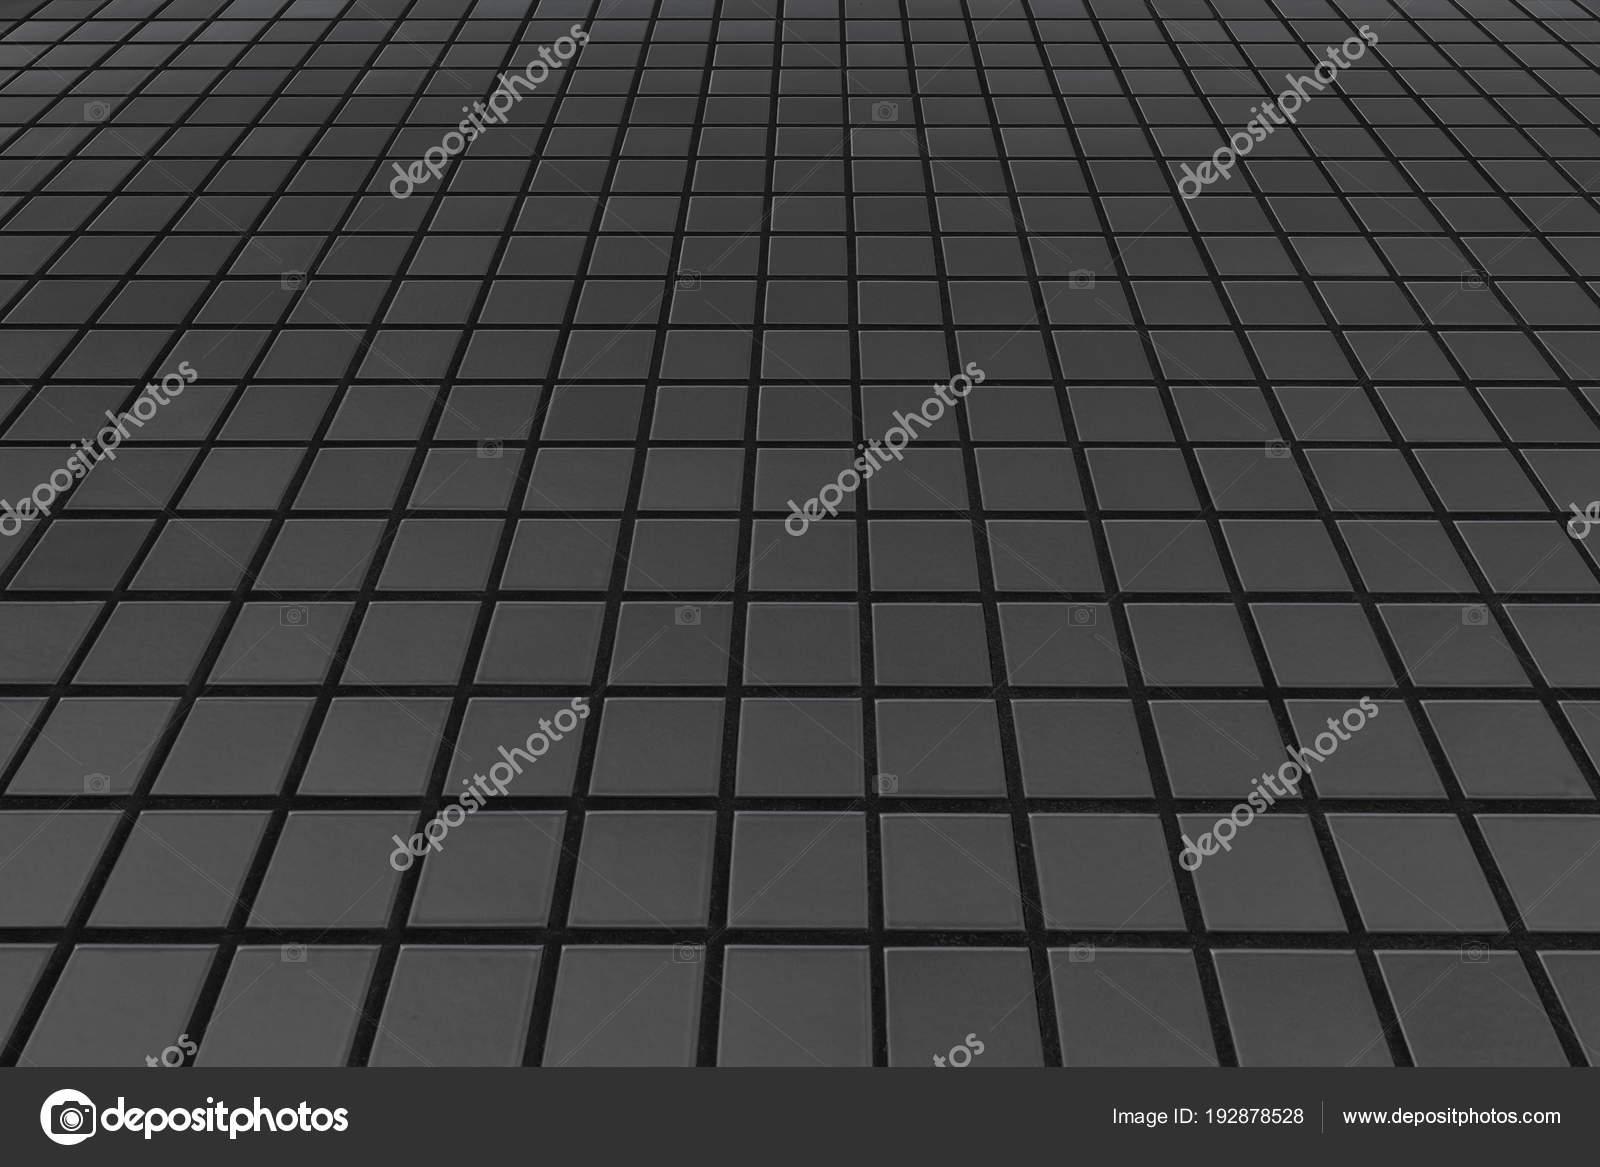 Black Stone Tile Floor Background Stock Photo Torsakarin 192878528